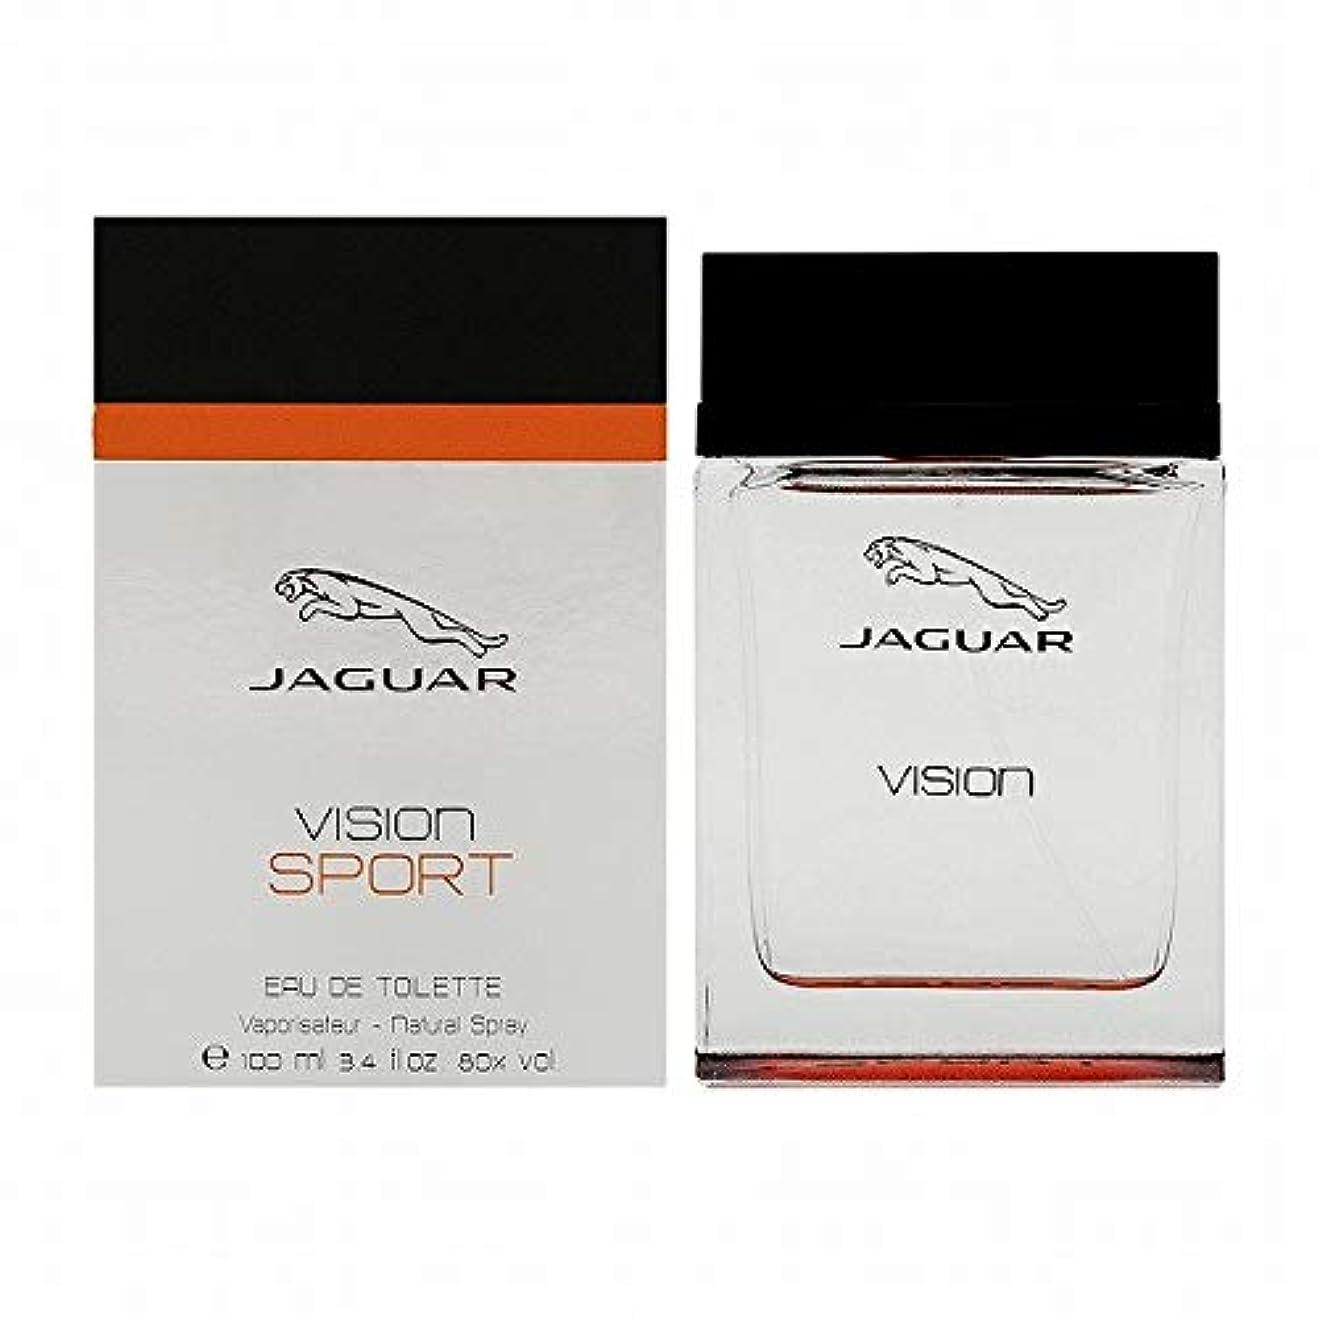 判決疑い者デザイナージャガー JAGUAR 香水 JR-JAGUARVISONSPOR-100 ジャガーヴィジョンスポーツ オードトワレ100ml【メンズ】 [並行輸入品]